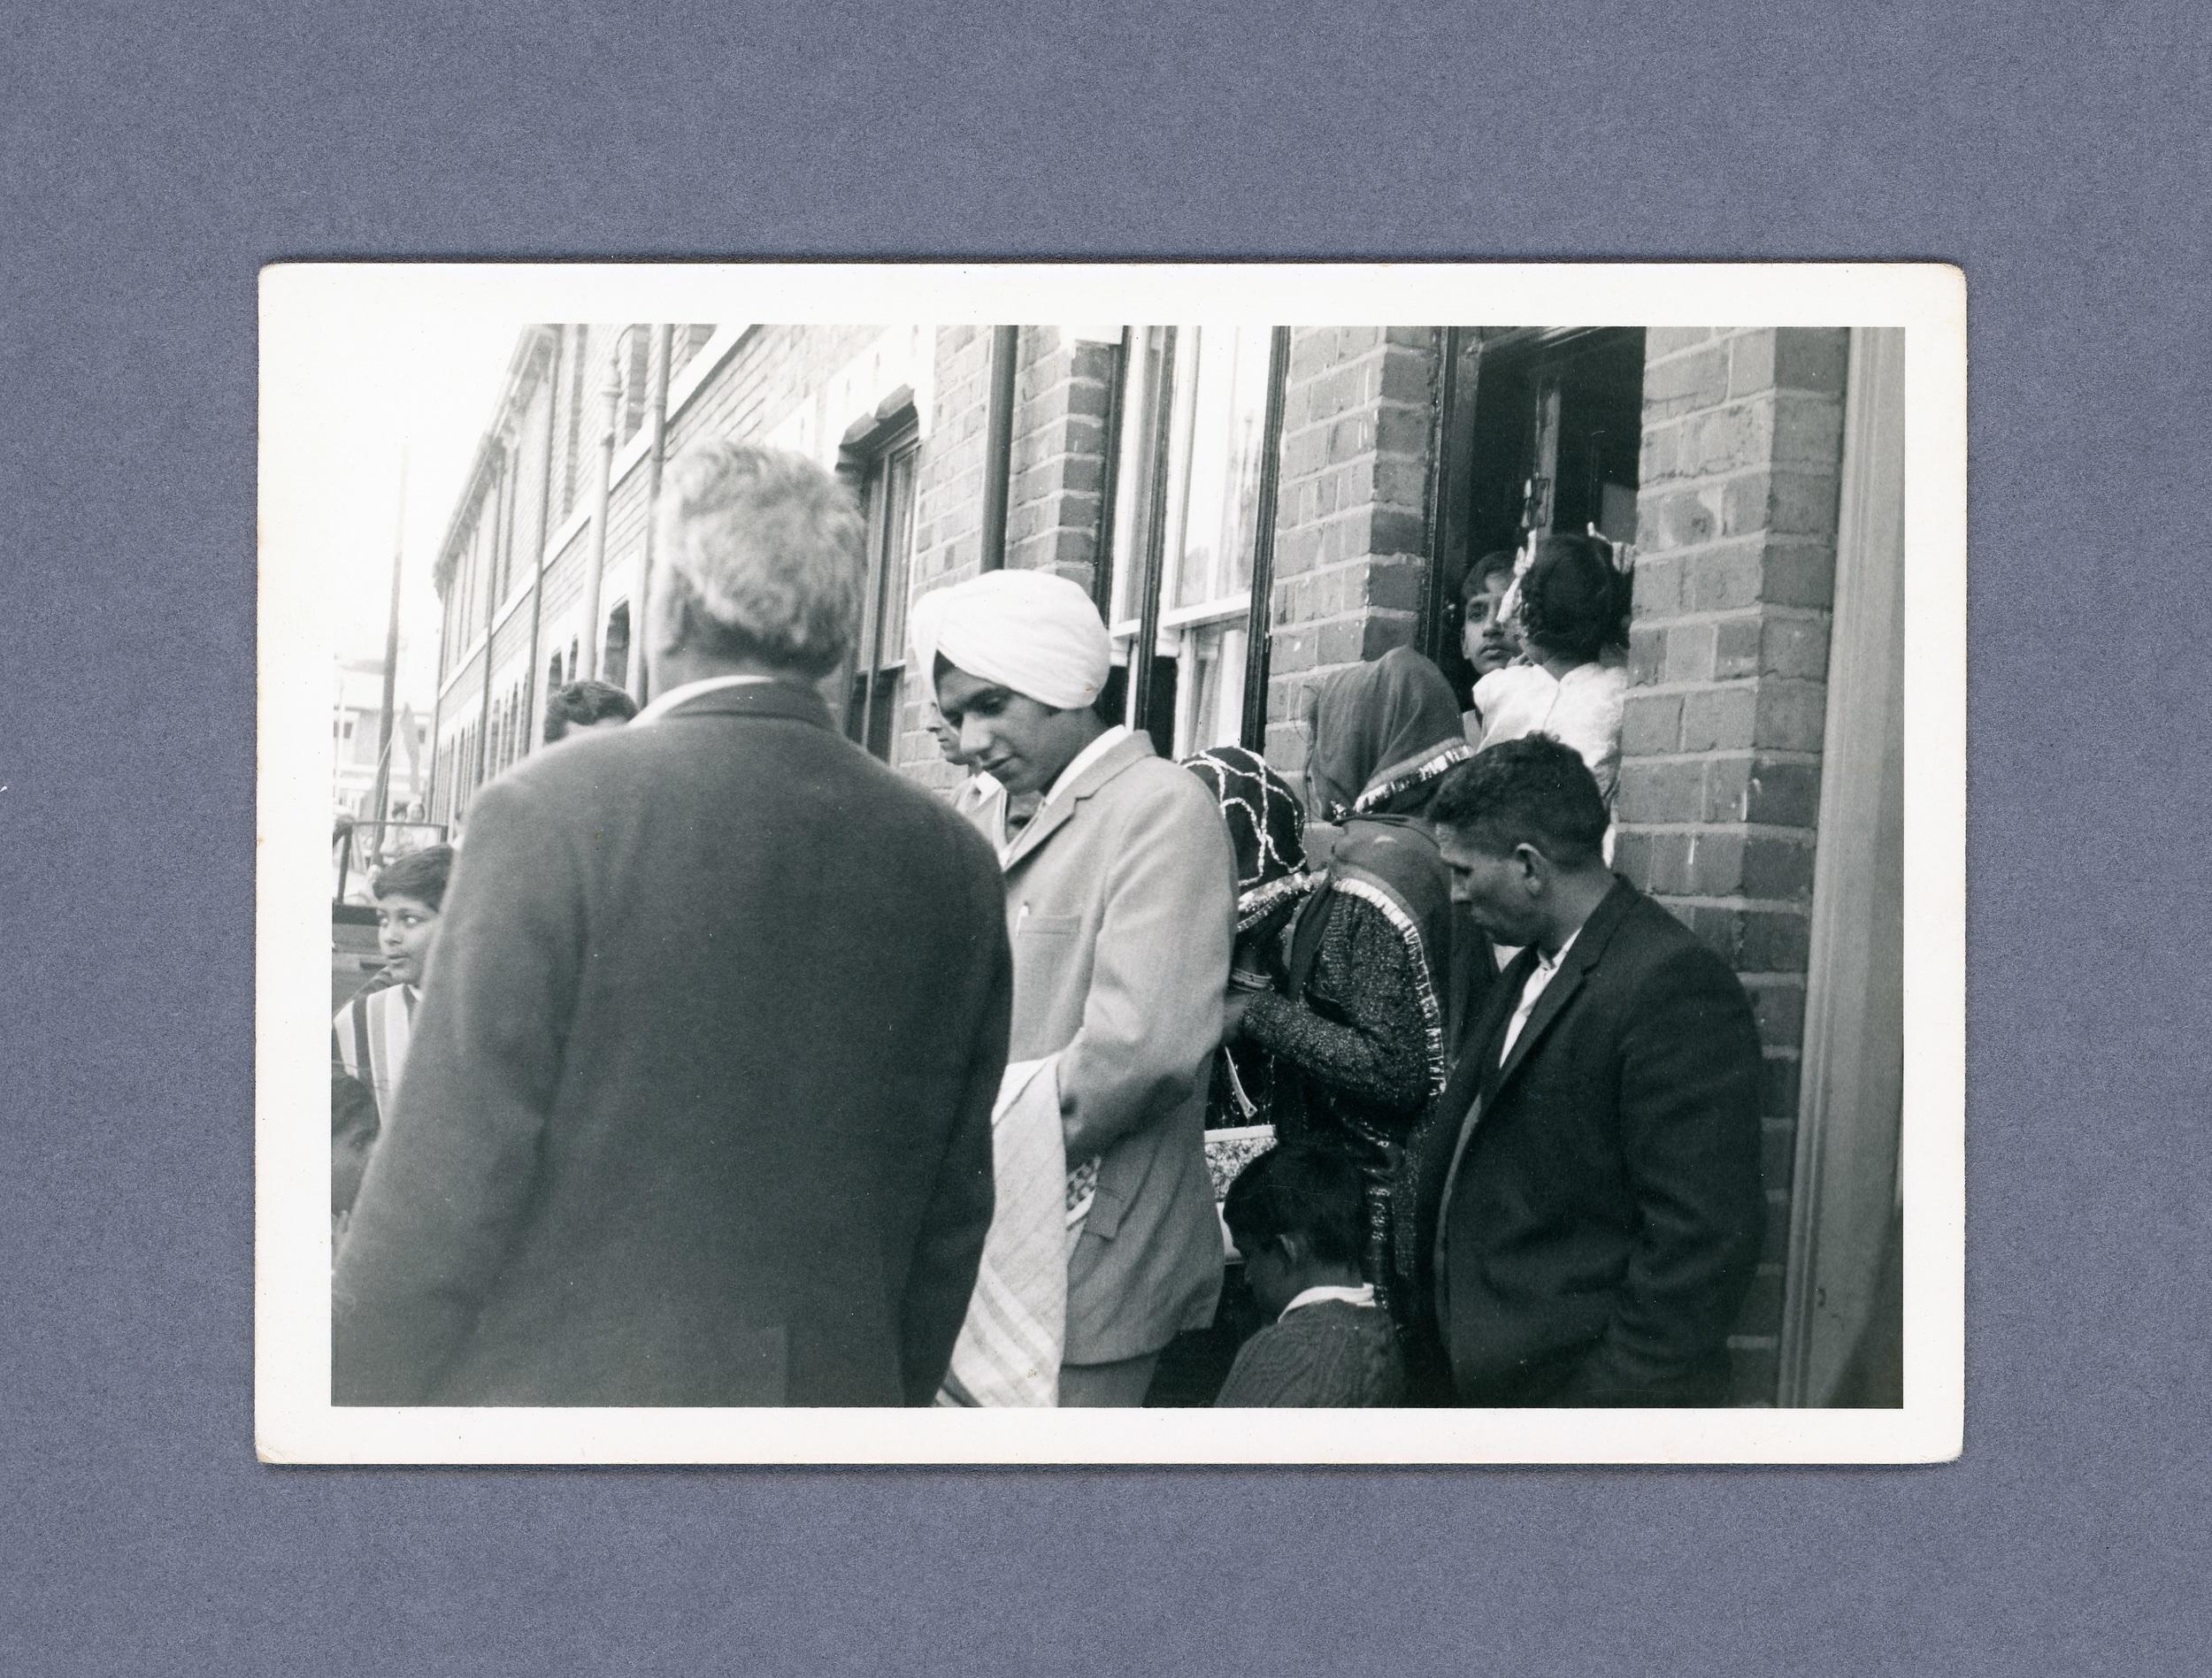 Newport St. c.1969